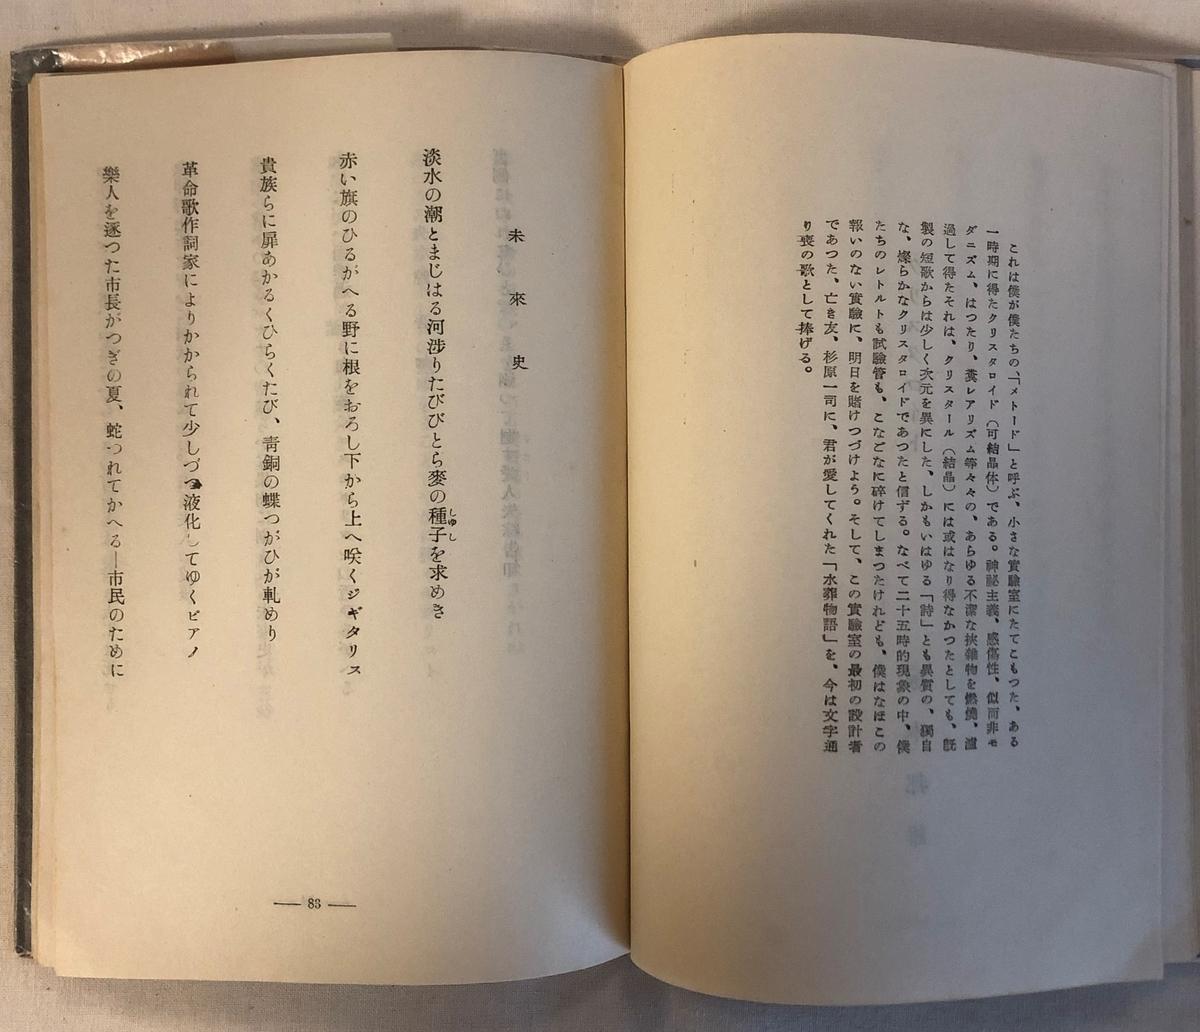 f:id:yomoyamayomoyama:20190417180008j:plain